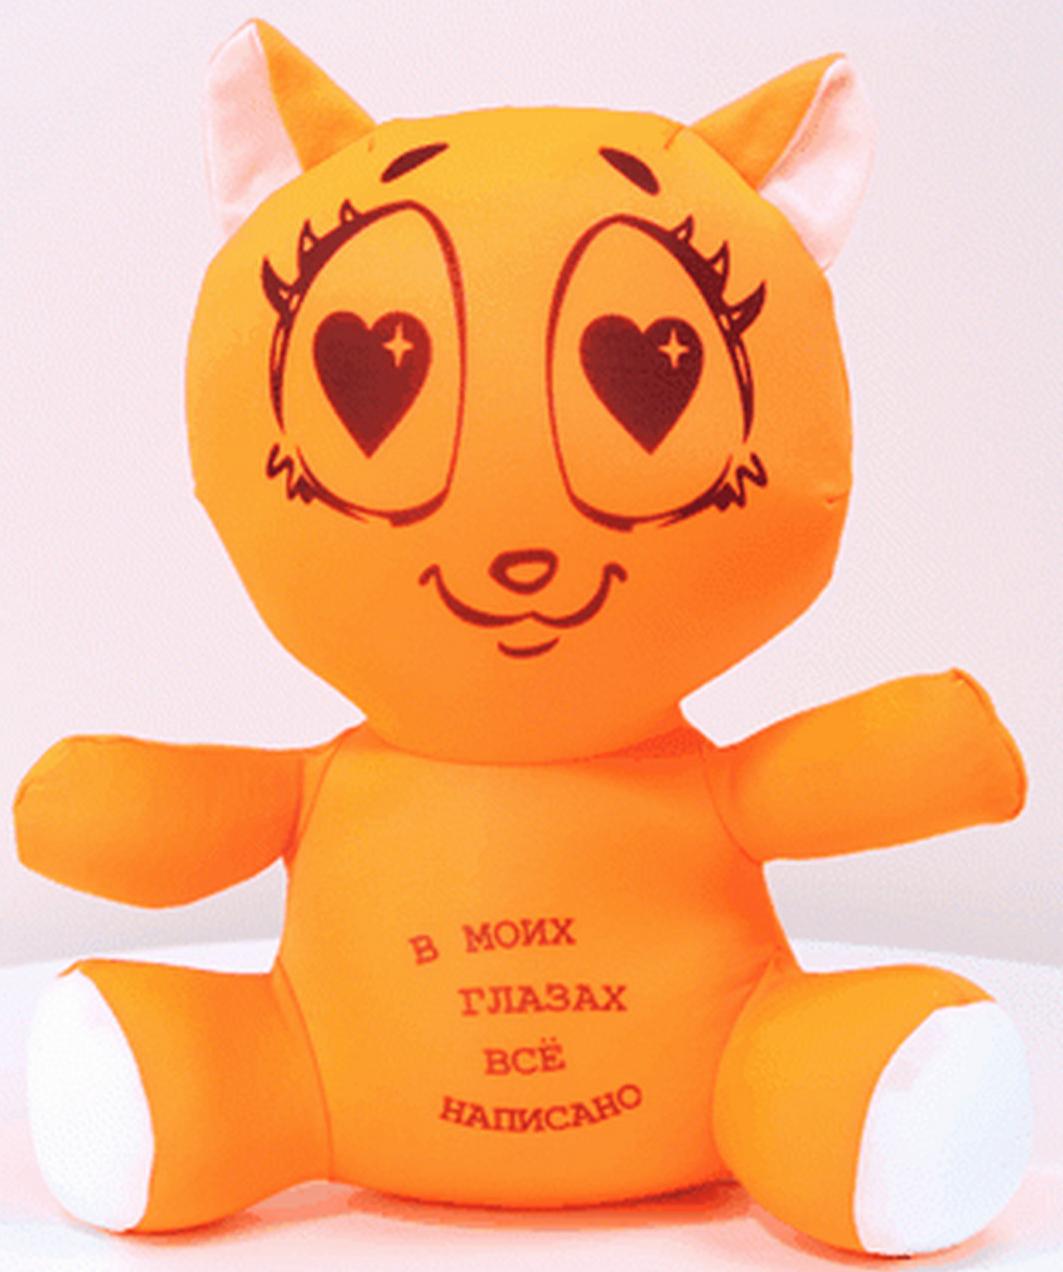 Игрушка антистресс Штучки, к которым тянутся ручки Влюбленная кошка оранжевый